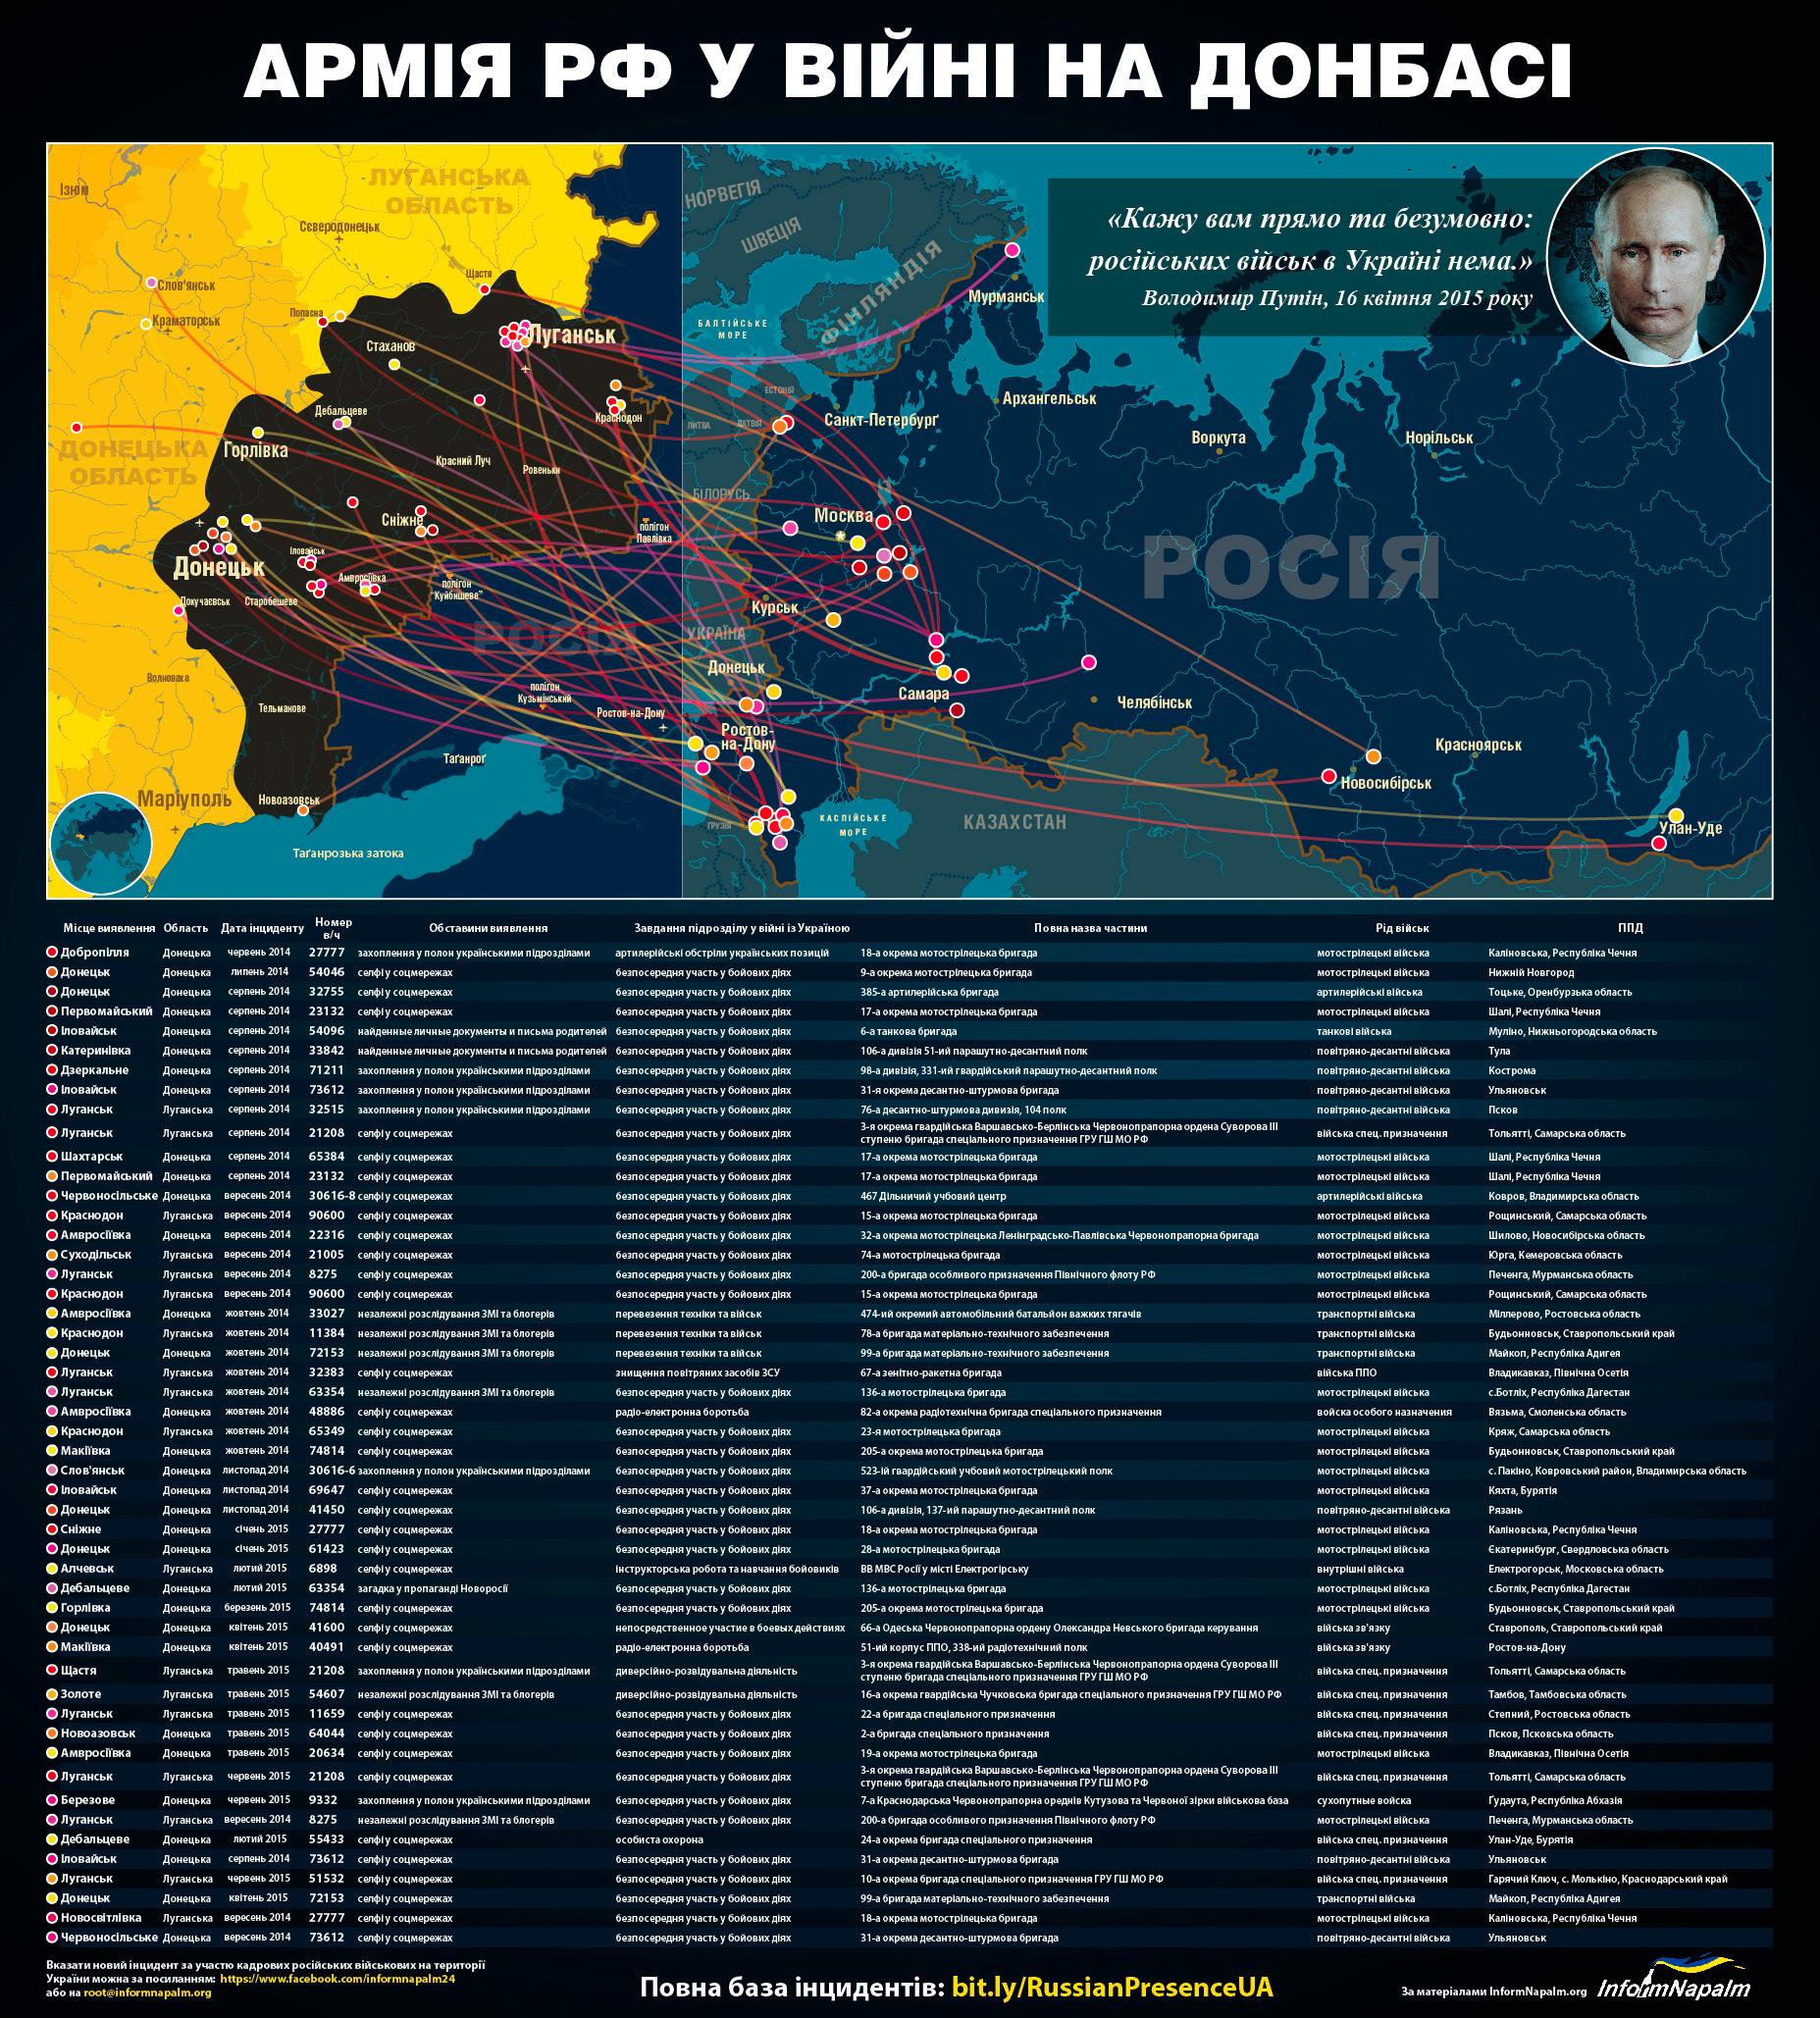 Присутствия российских войск на Донбассе - инфографика